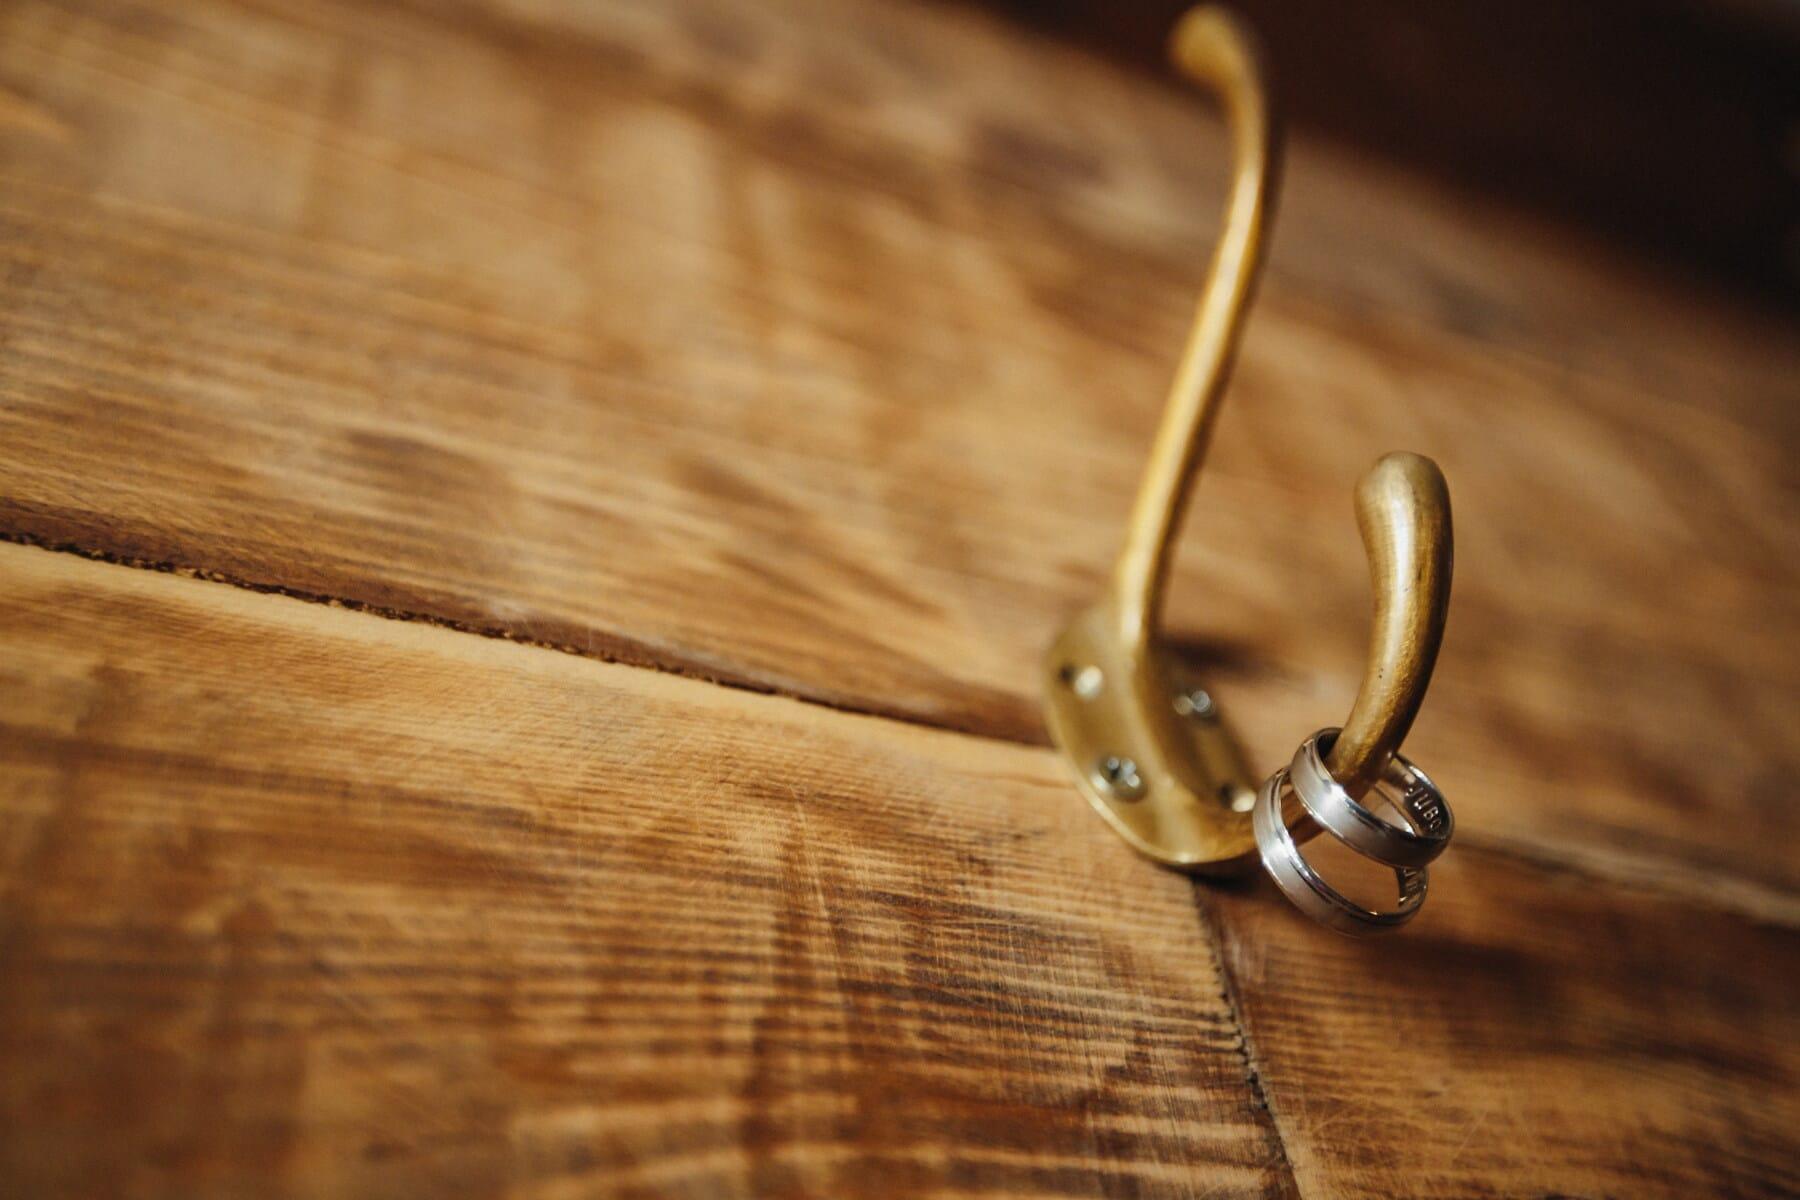 planches, en bois, bijoux, anneaux, cintre, or, éclat doré, bois, Retro, vieux